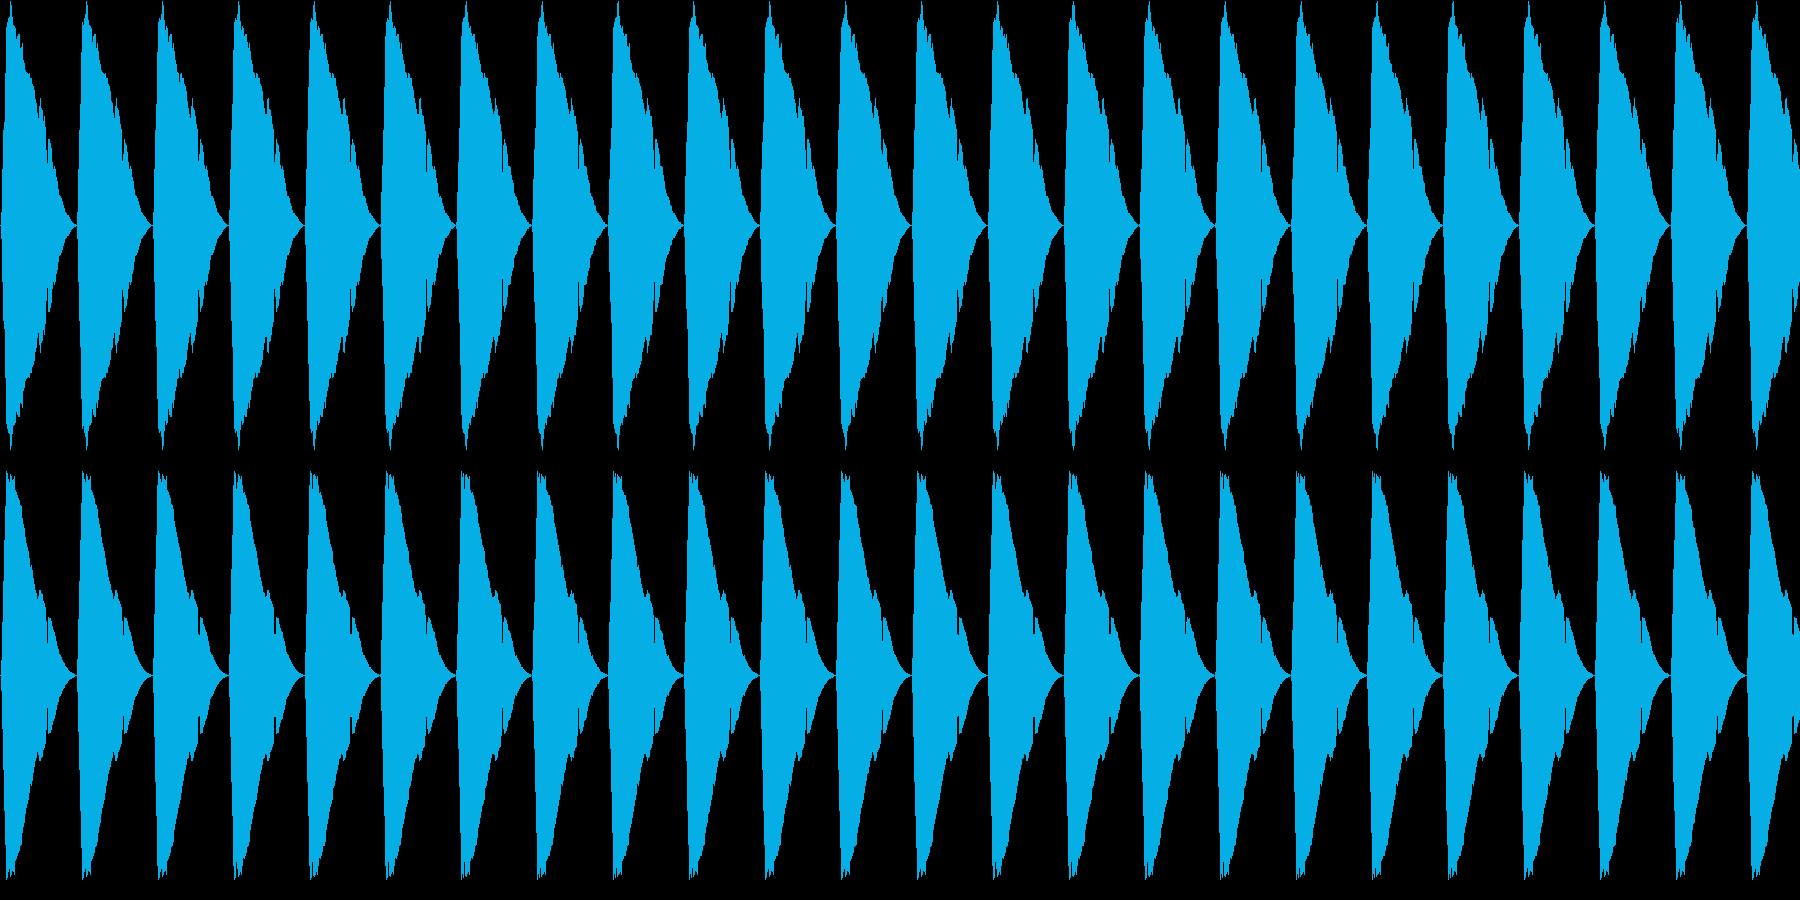 【アラーム】電子音 - ピピピピピピピピの再生済みの波形